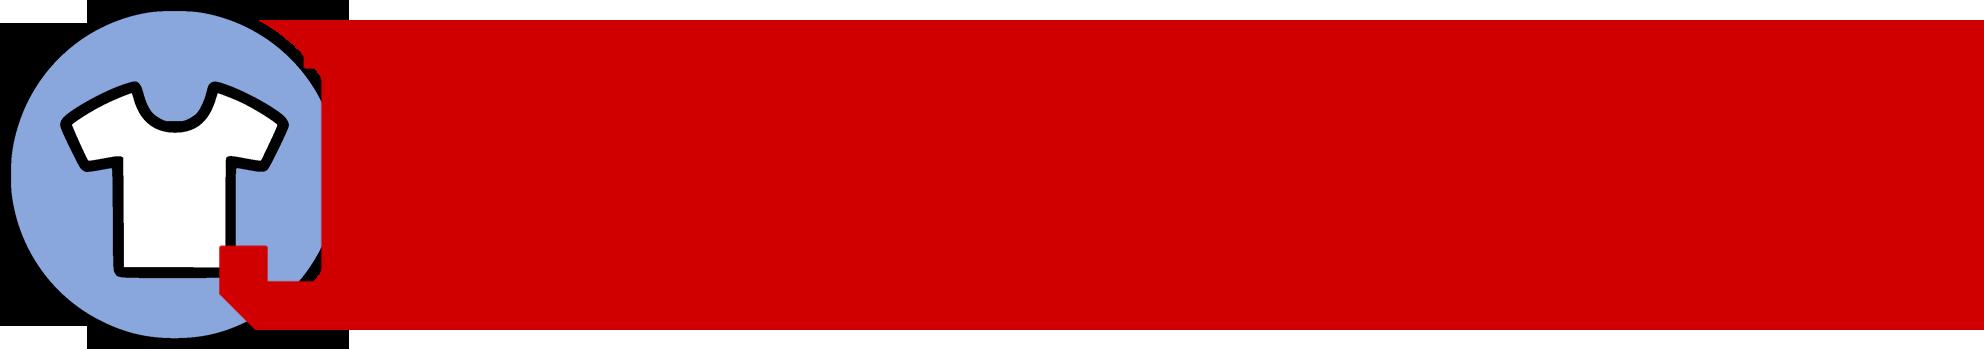 j97t-shirt-logo